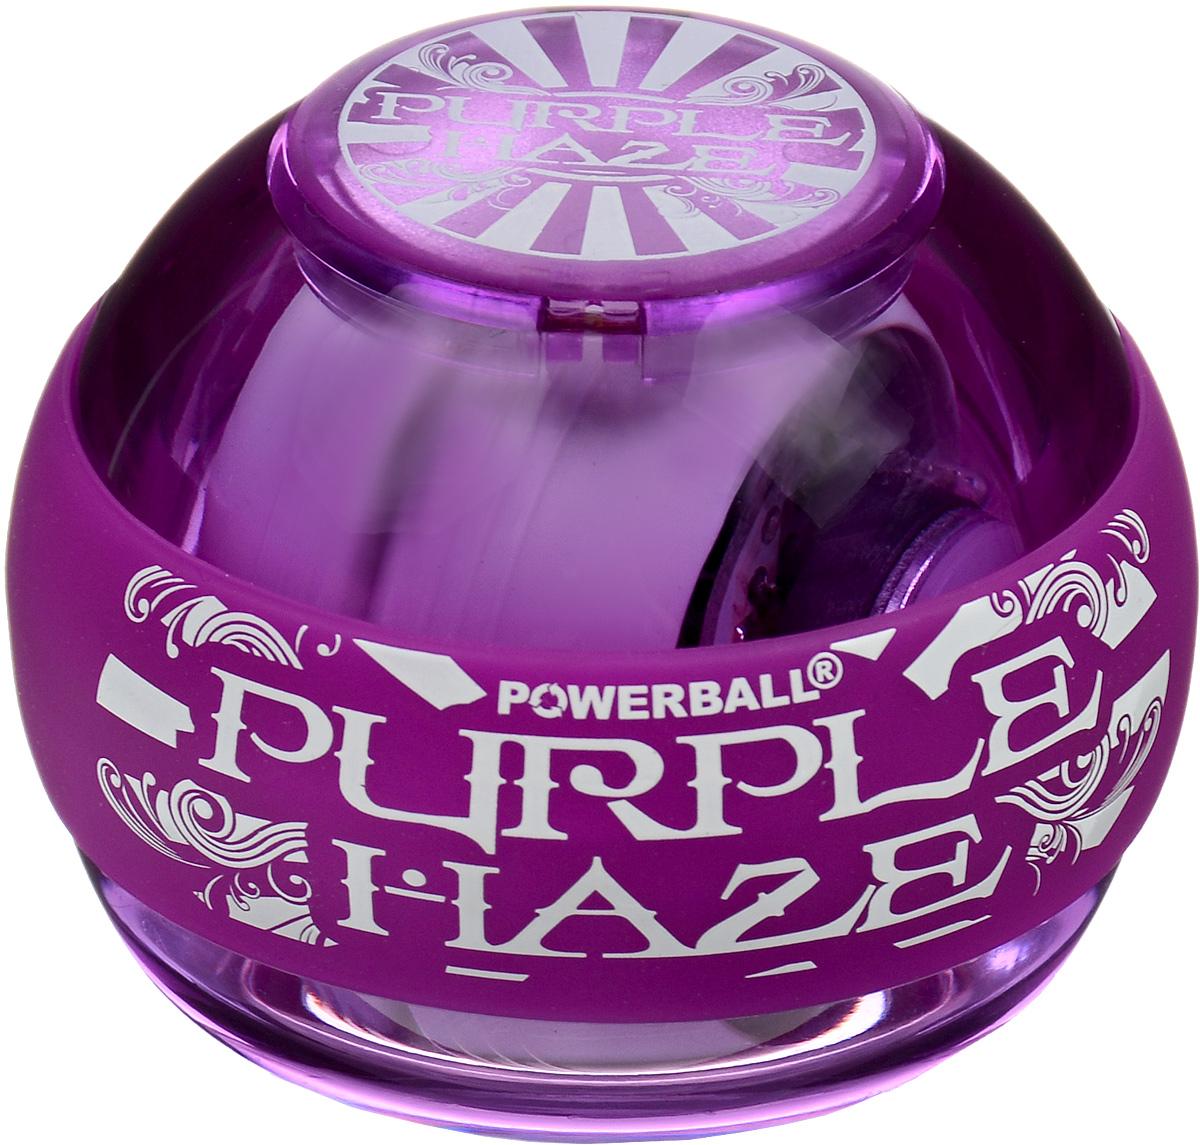 Тренажер кистевой NSD Power Powerball 250Hz Purple Haze, цвет: пурпурныйУТ-00007341NSD Power Powerball 250Hz Purple Haze - новая модель с подсветкой, продолжающая линейку Neon. Тренажер укрепляет мышцы руки простым, но эффективным способом, а так же обеспечивает быструю реабилитацию после различных травм. Отлично продуманная конструкция приспособления и рабочая частота 250 Гц обеспечивают плавное вращение ротора на скорости до 15 000 оборотов в минуту. В данную модель можно установить счетчик. В комплект входят диск и два шнура для раскрутки тренажера.Диаметр тренажера: 7 см